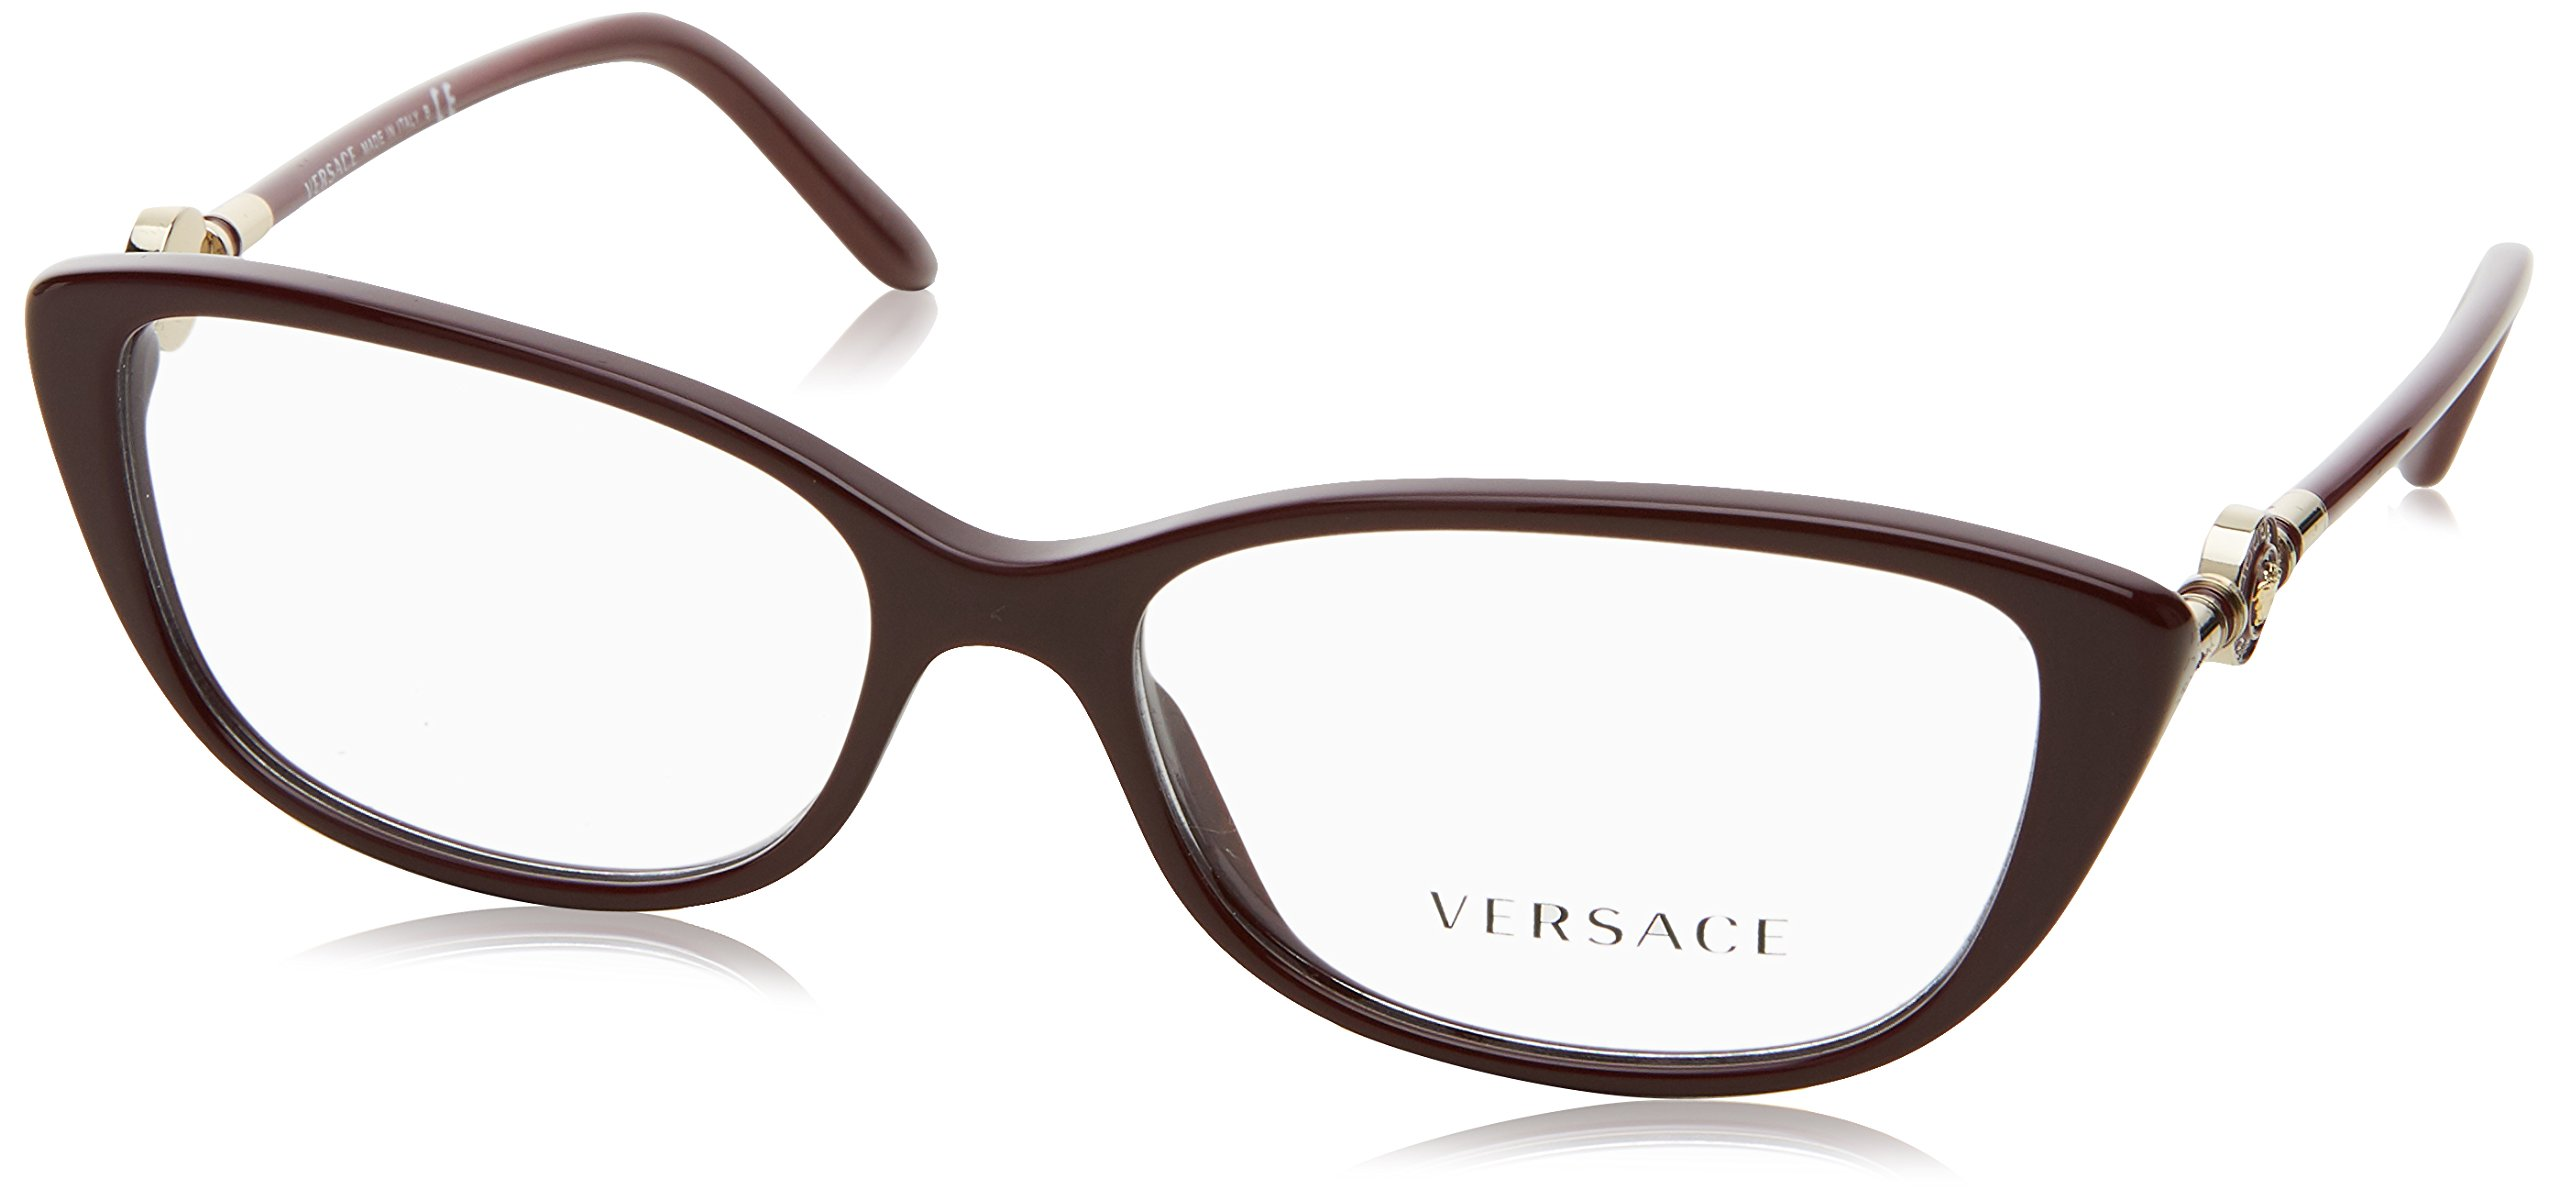 lunettes de soleil des étoiles des lunettes élégant nouveau cycle de lunettes de soleil les femmes les visages coréenneblack (tissu) m2MxCX2ZQX